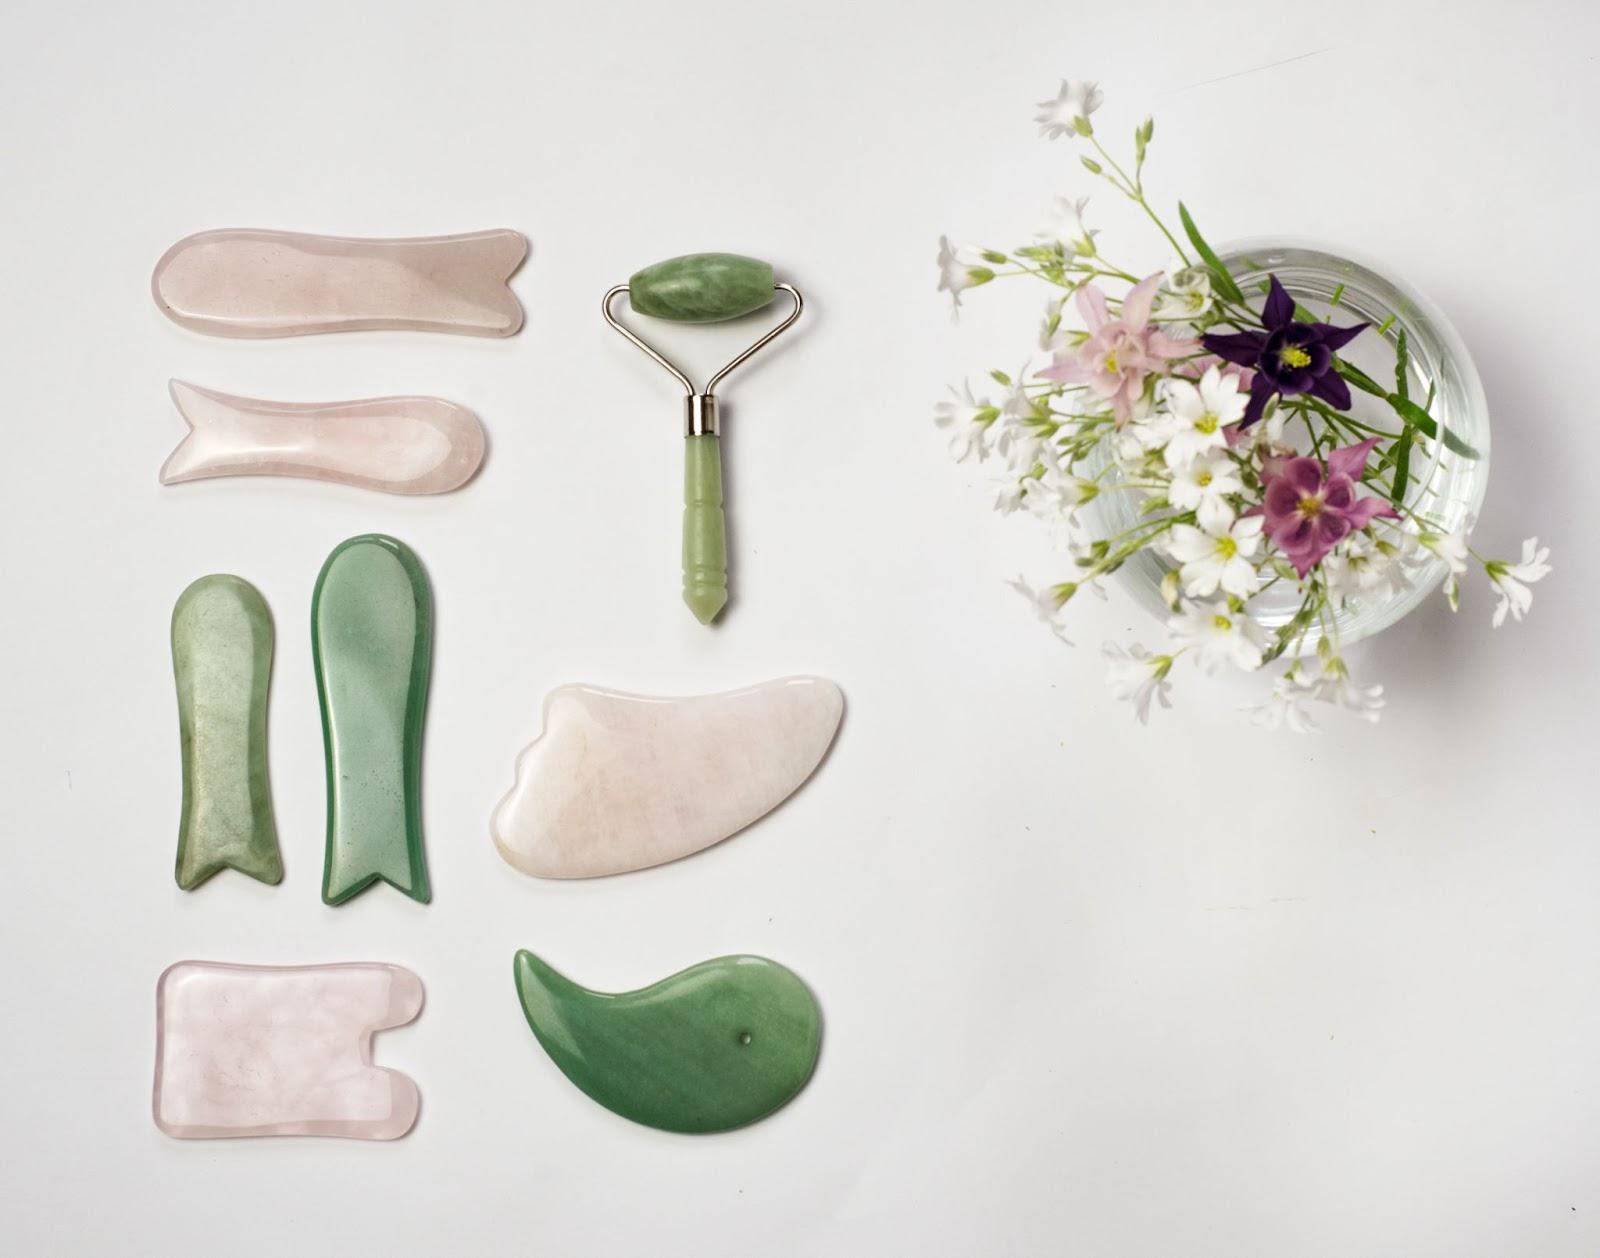 Various tools used for gua sha or gua sha facial